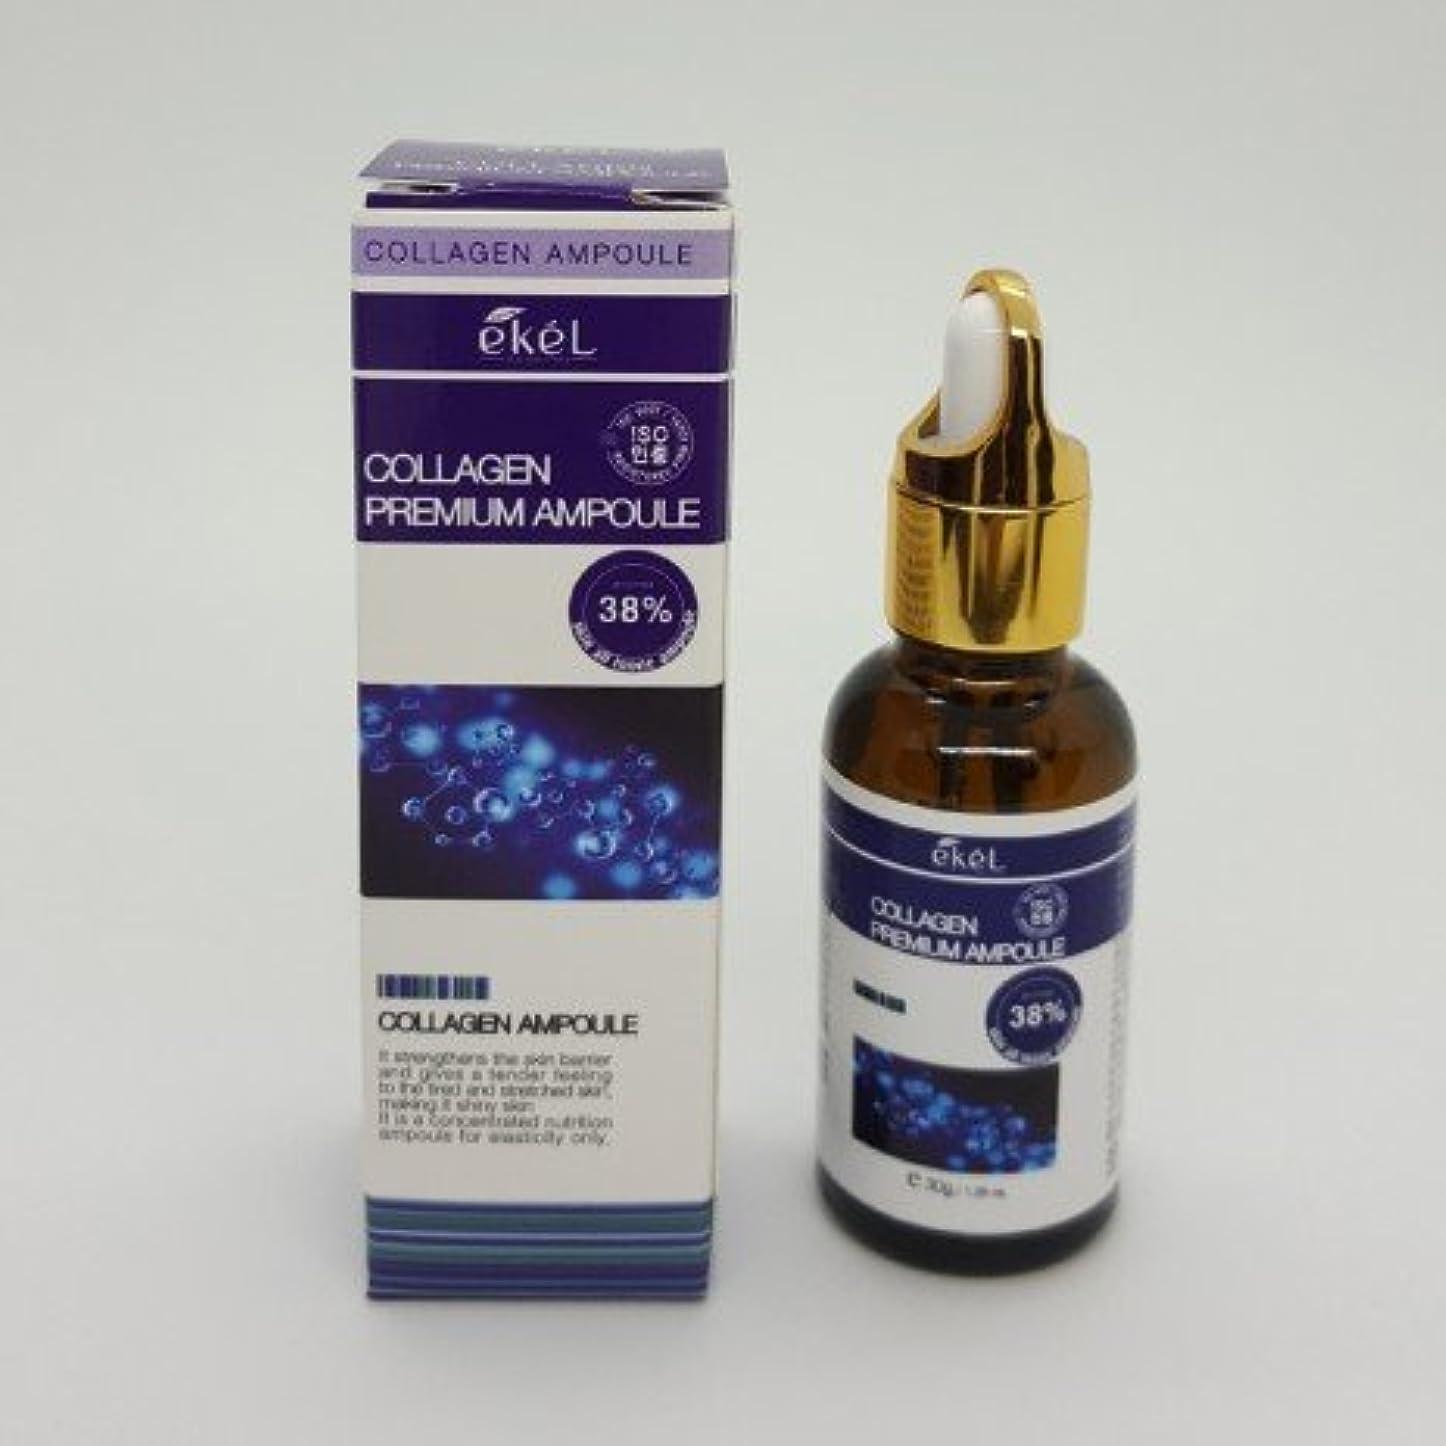 データベース長さ引数[EKEL] Collagen Premium Ampoule 38% - 30g